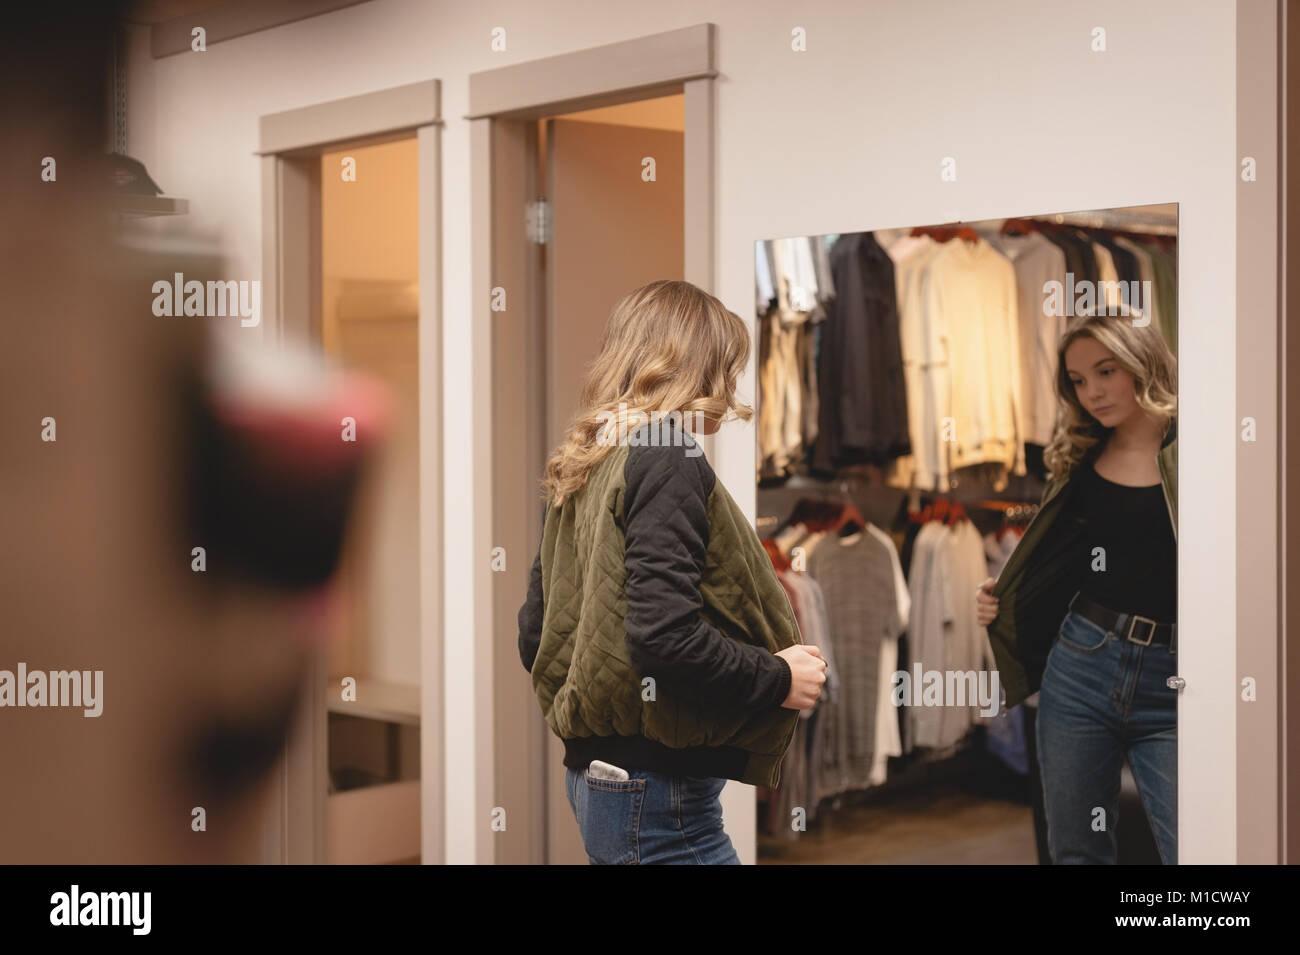 Vista trasera de la mujer chaqueta de comprobación Imagen De Stock